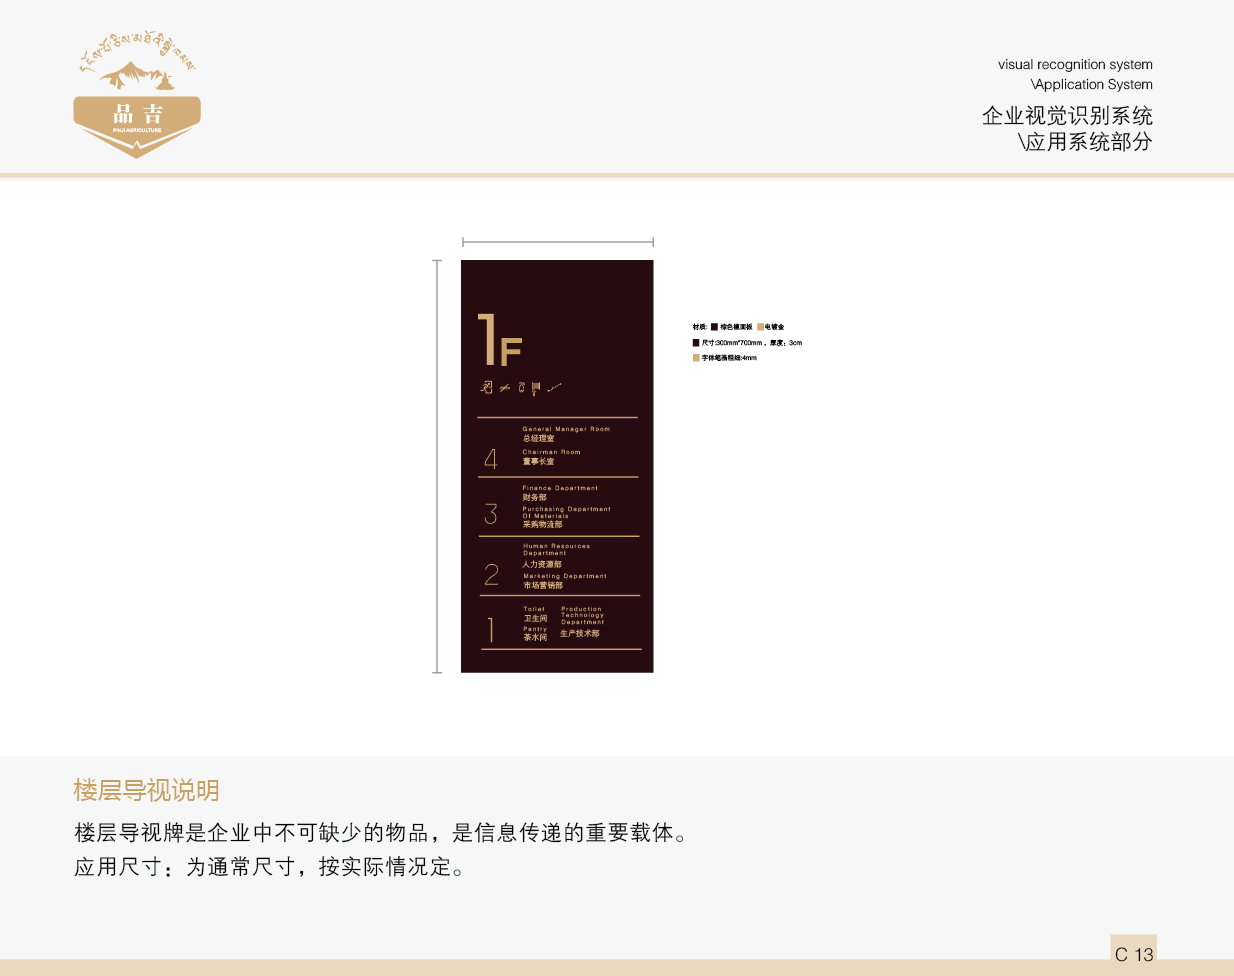 品吉农业VI 应用系统部分  客户资料  第14张